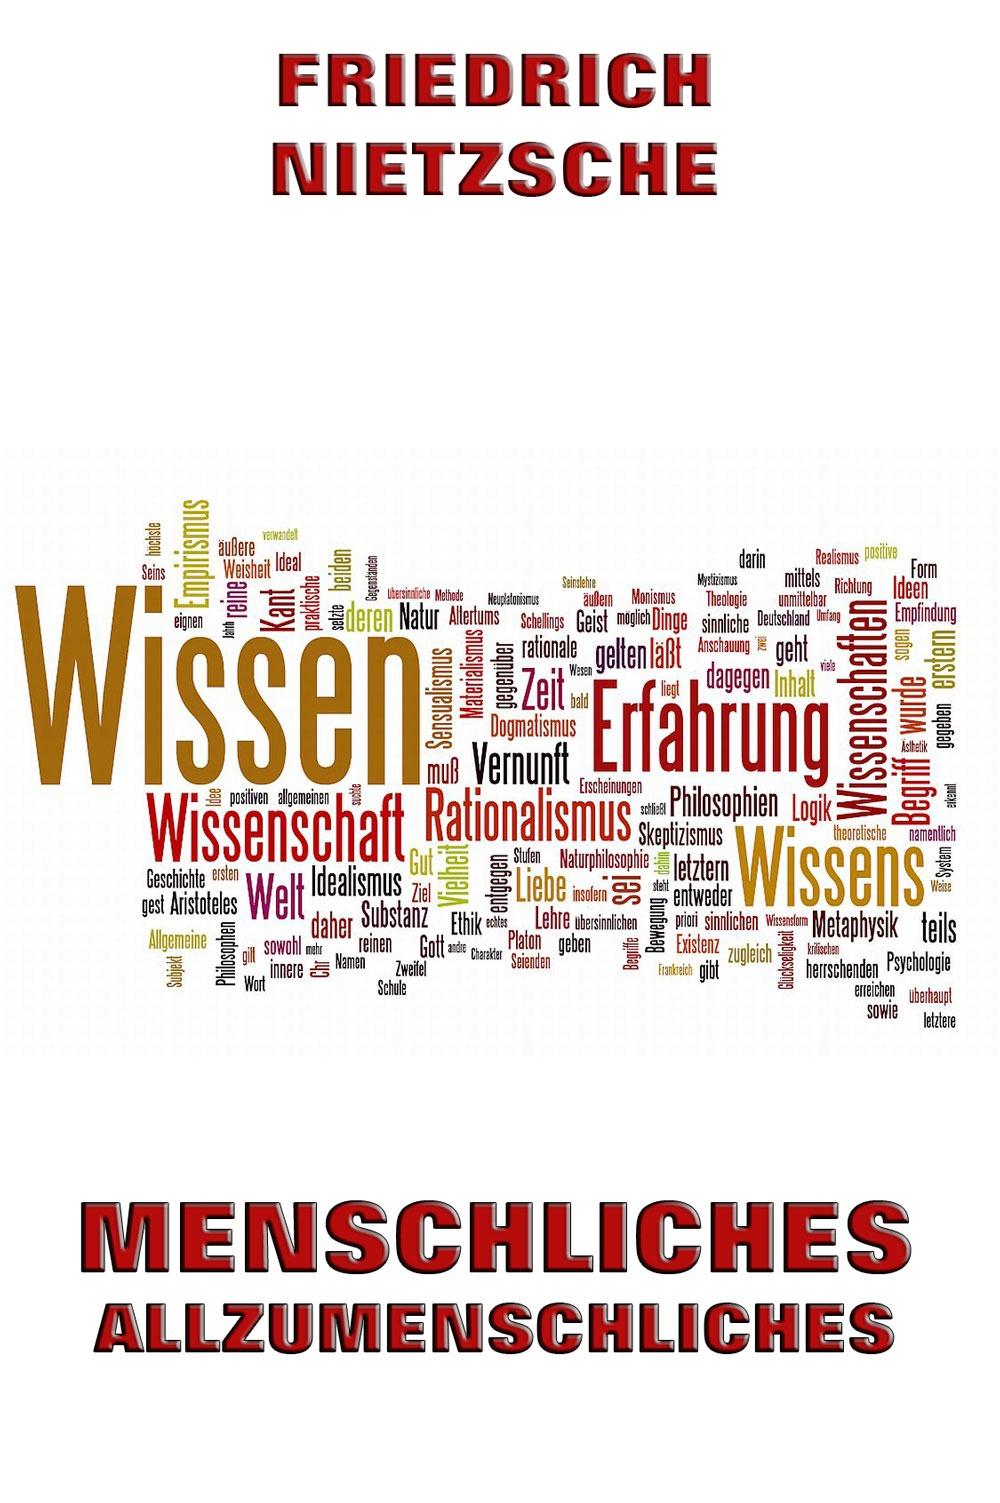 Friedrich Nietzsche Menschliches, Allzumenschliches